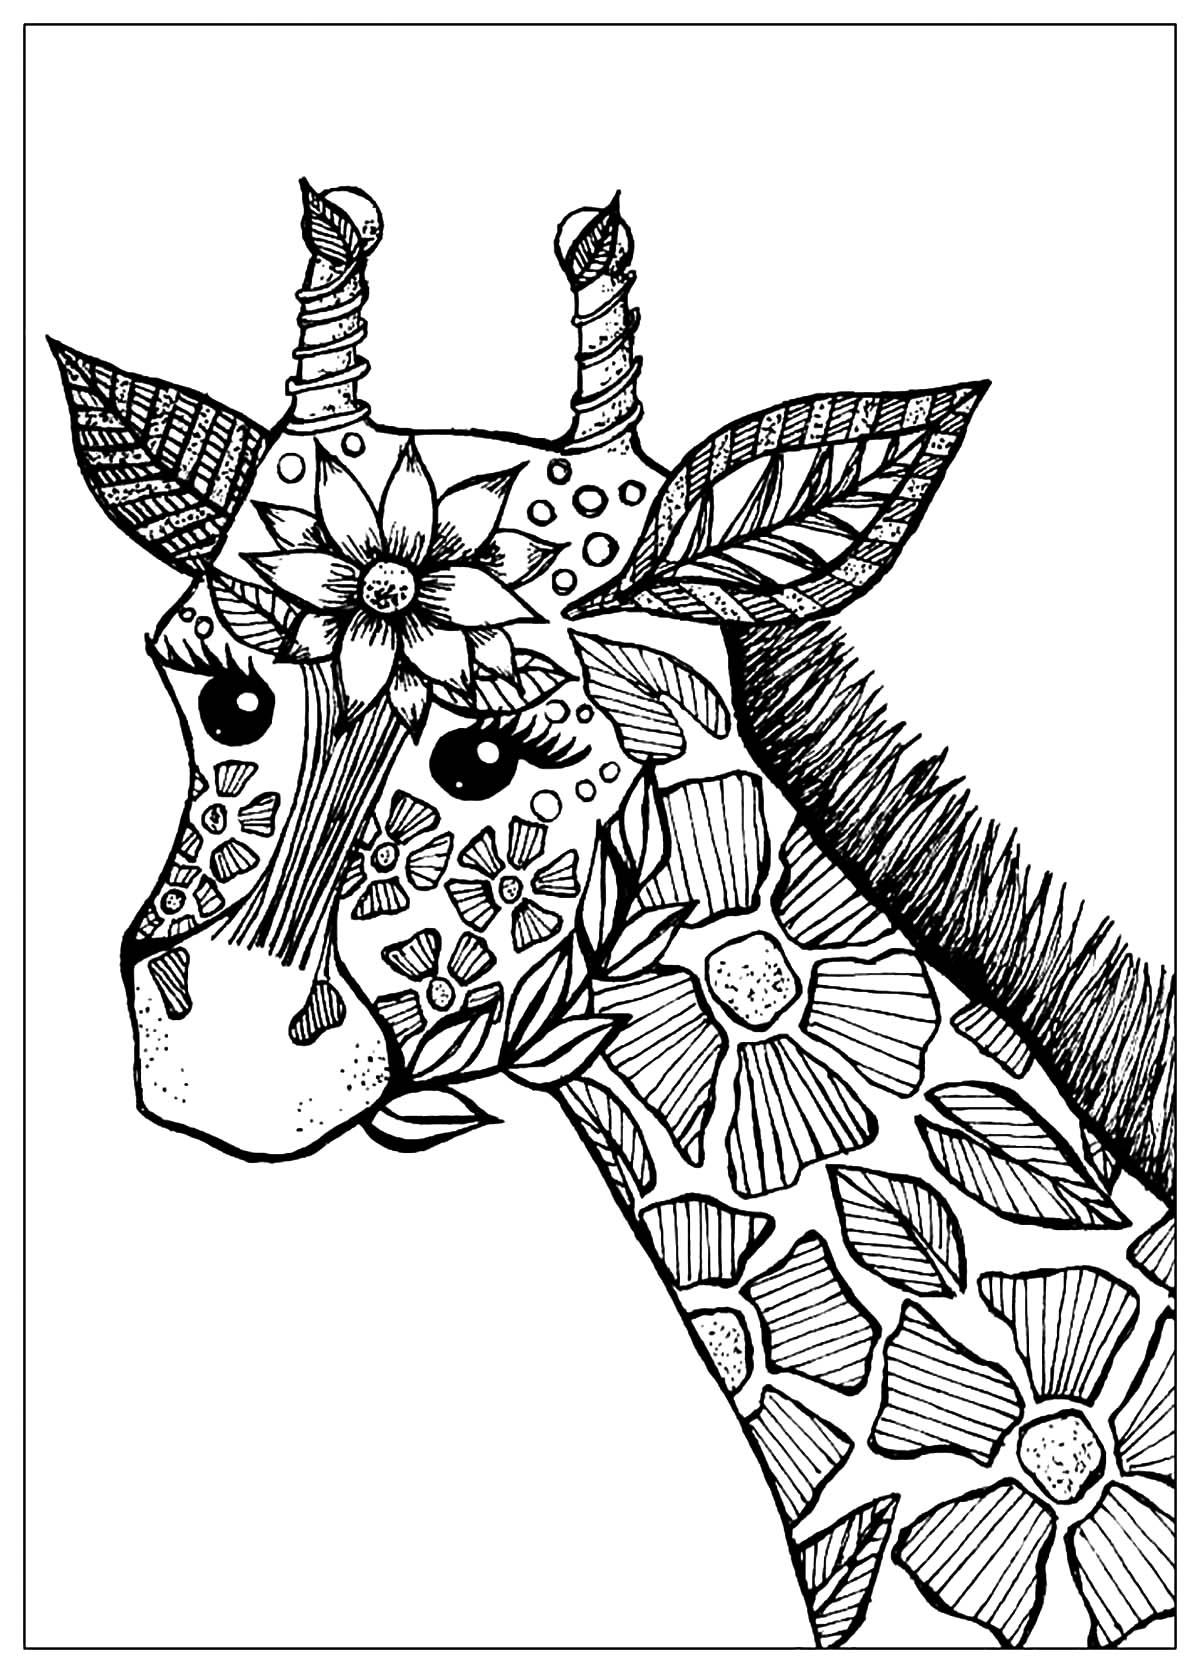 Les tâches de cette girafe ont été dessinées comme des fleurs